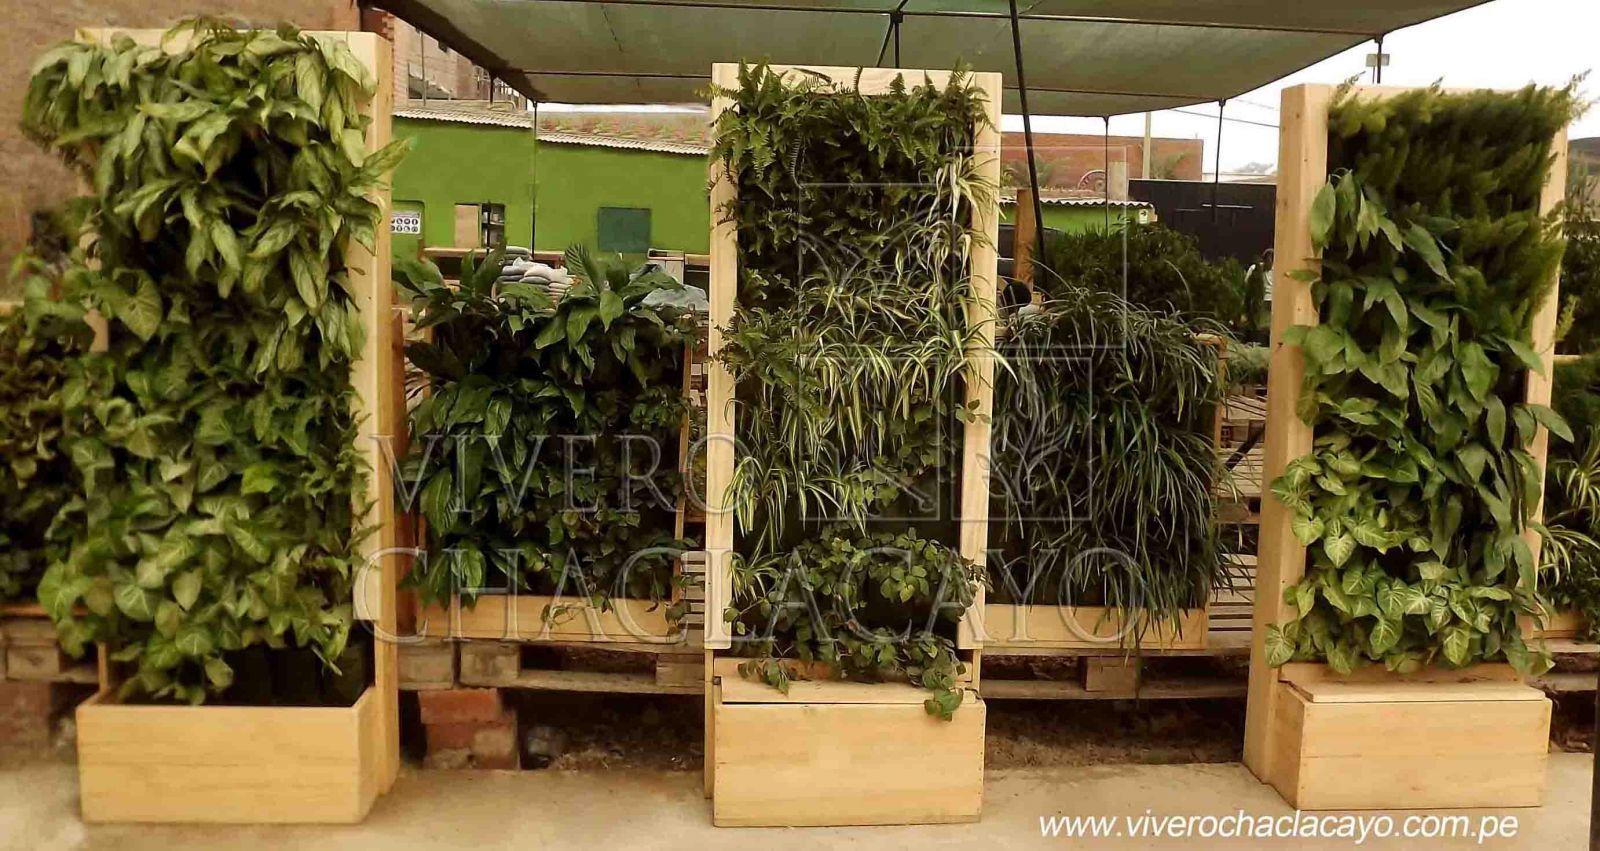 muros vegetales vivero chaclacayo On muros vegetales verticales